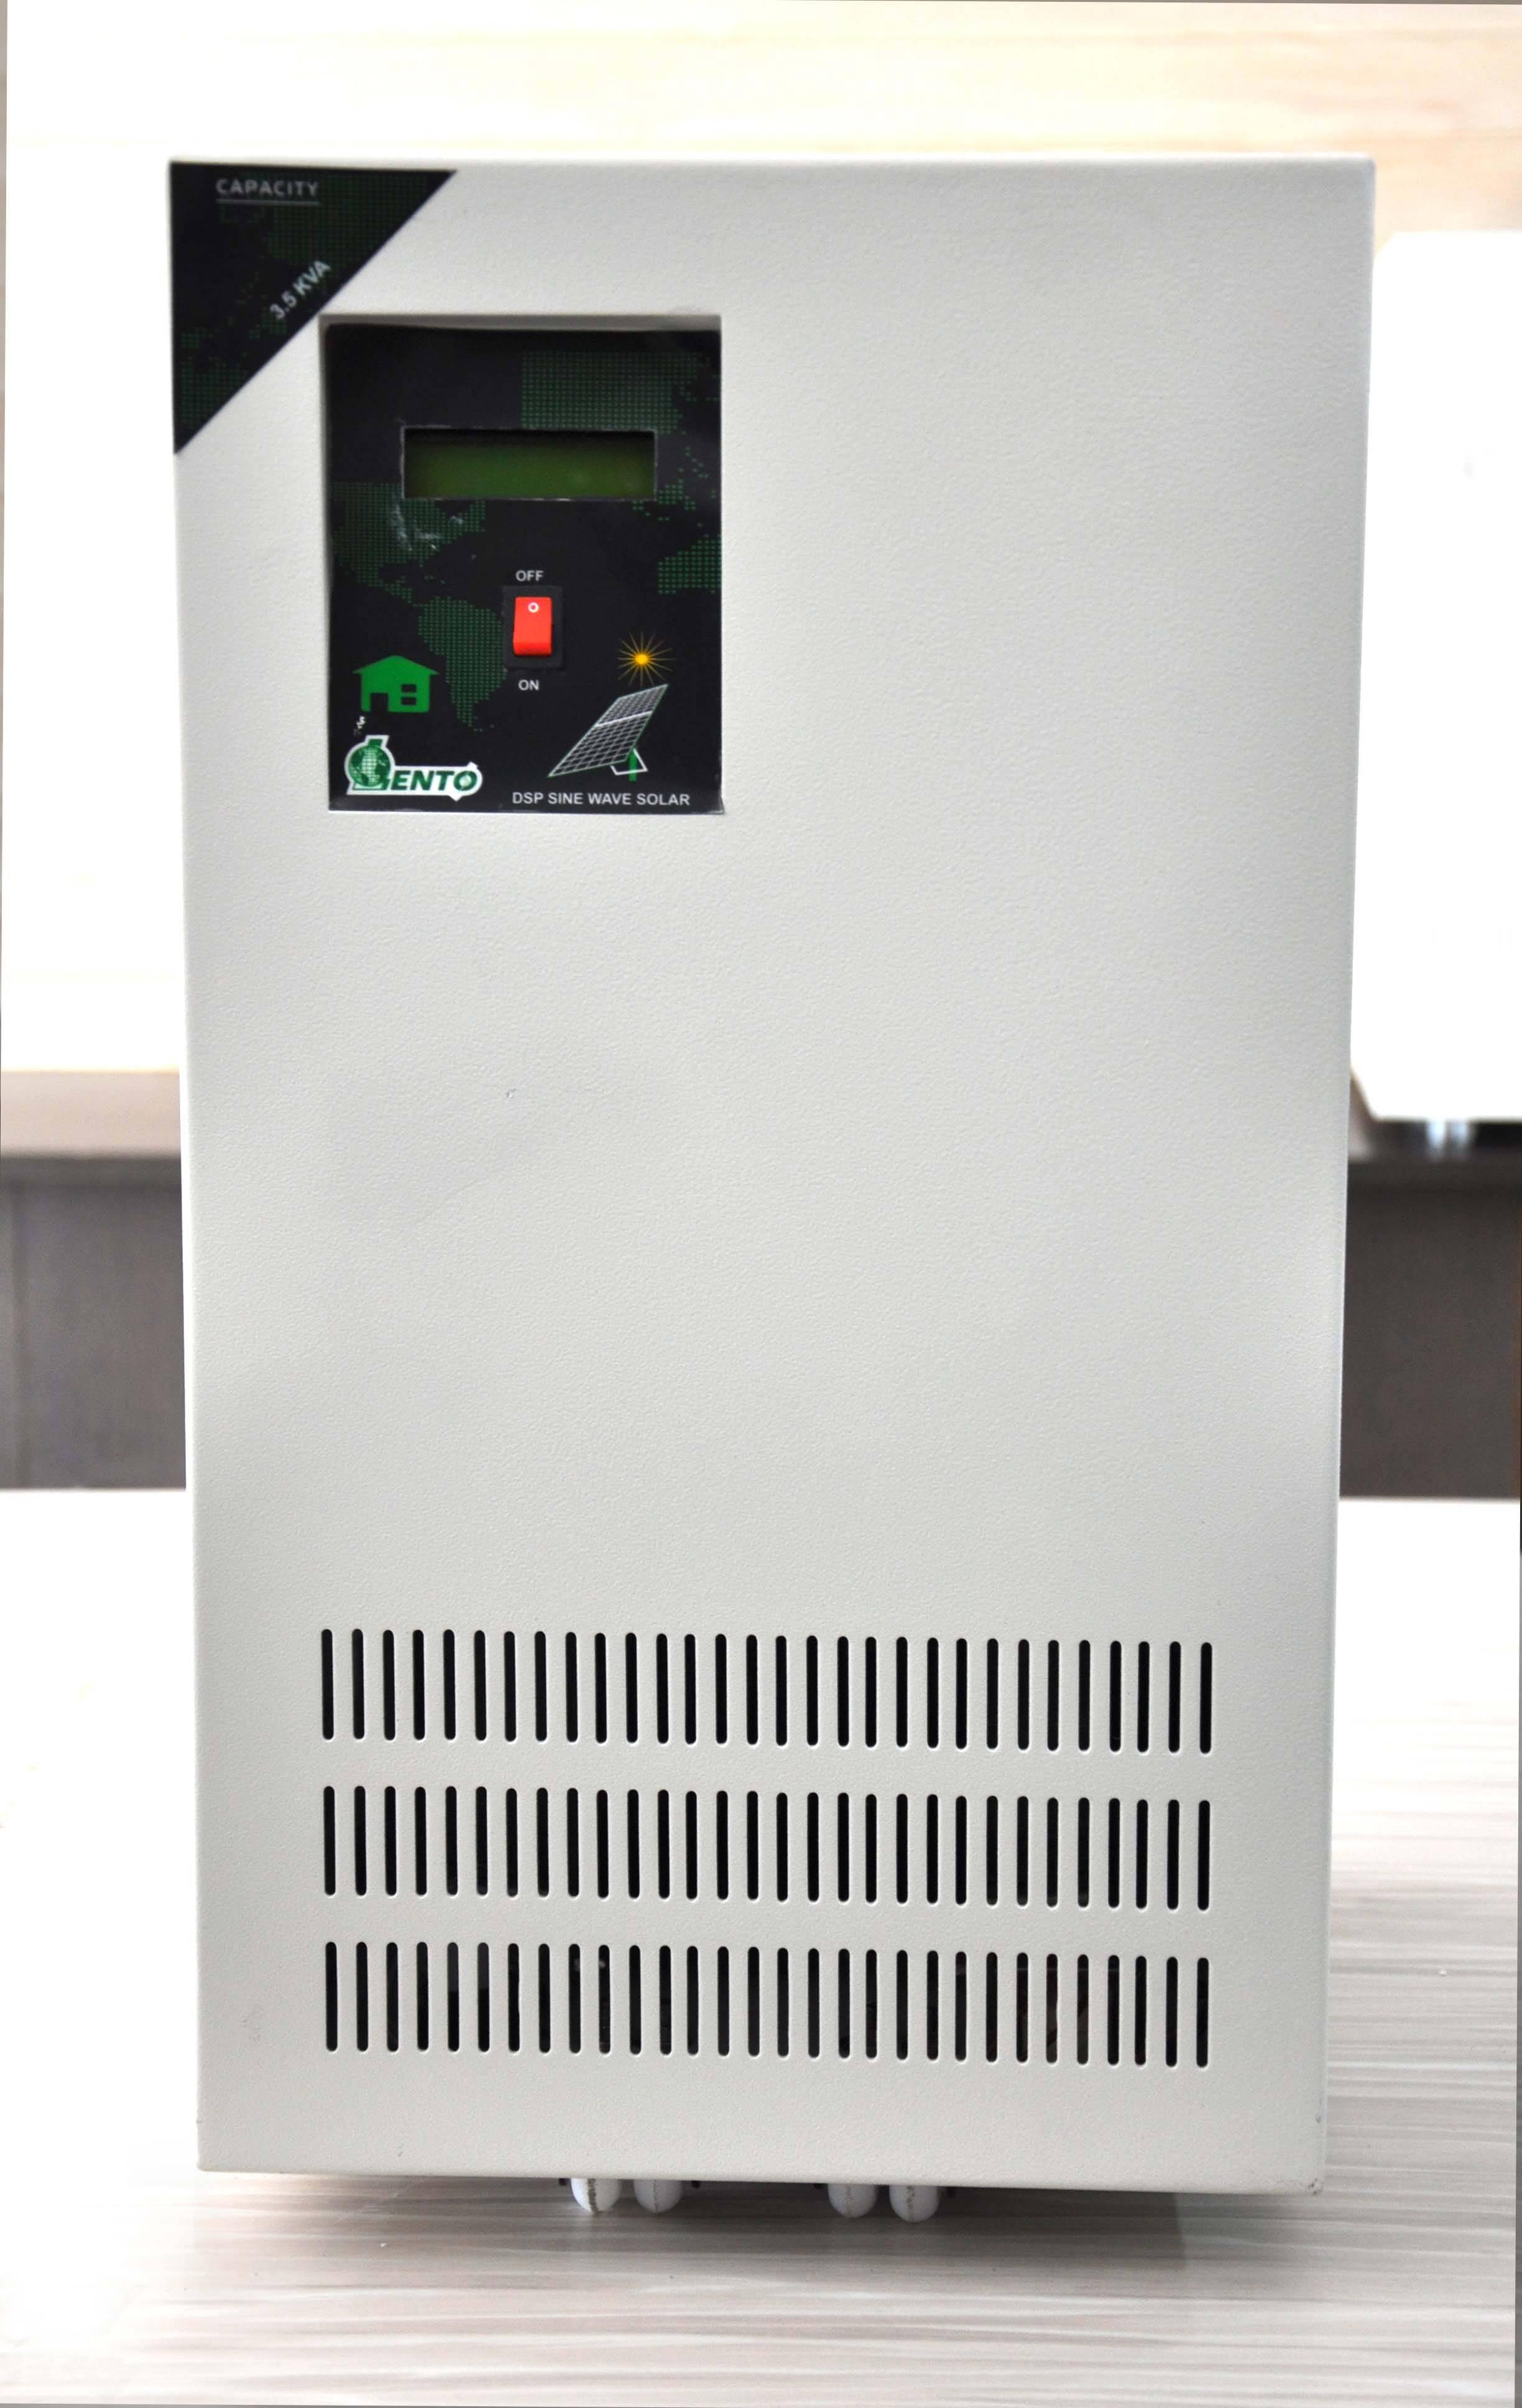 5KVA 96V Solar Hybrid Inverter